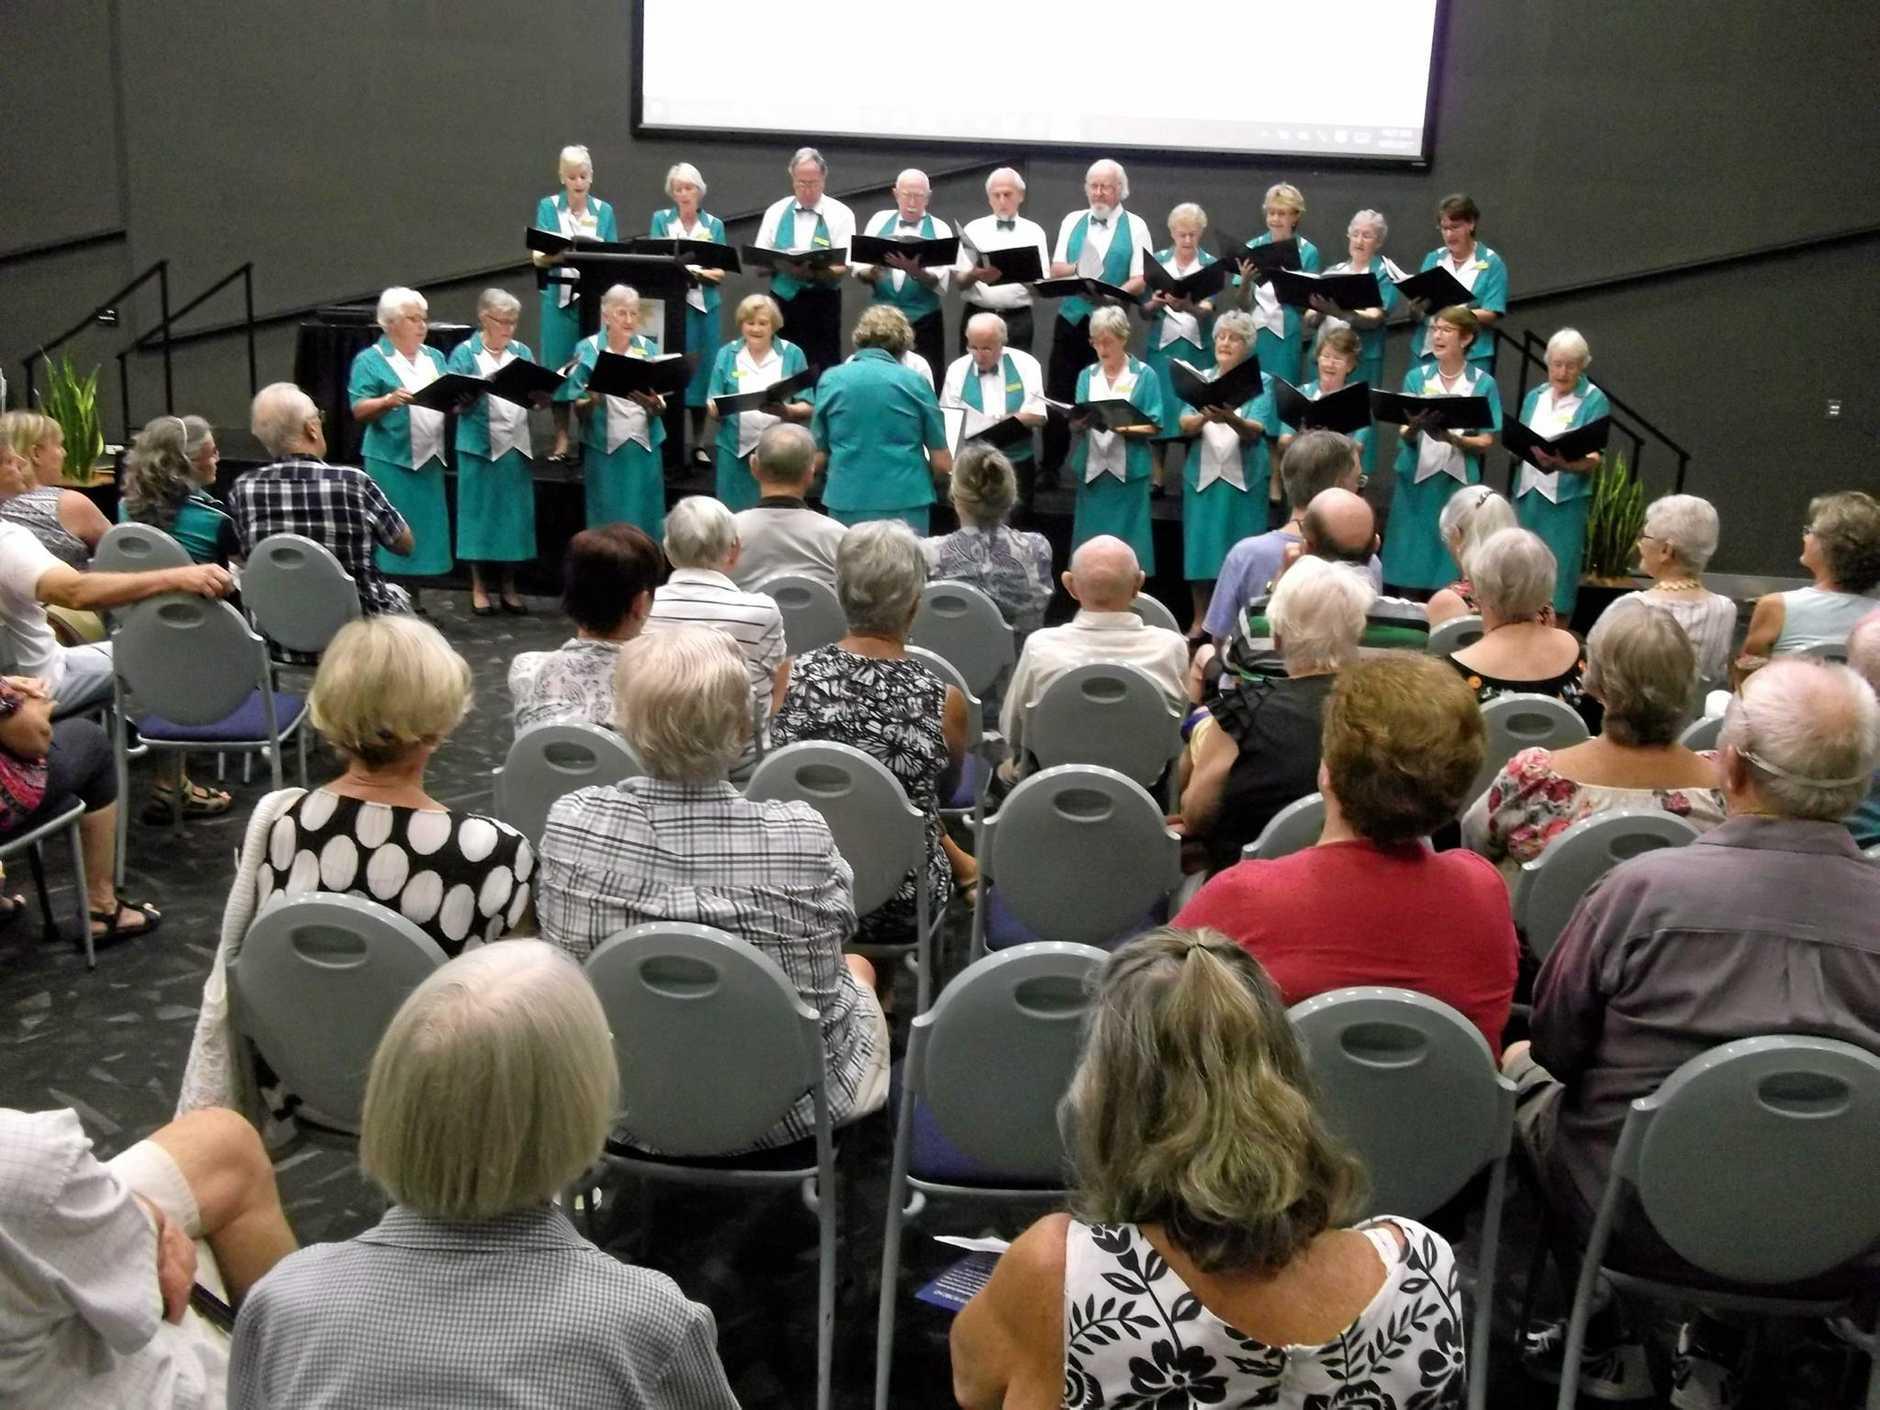 The U3A choir entertains.